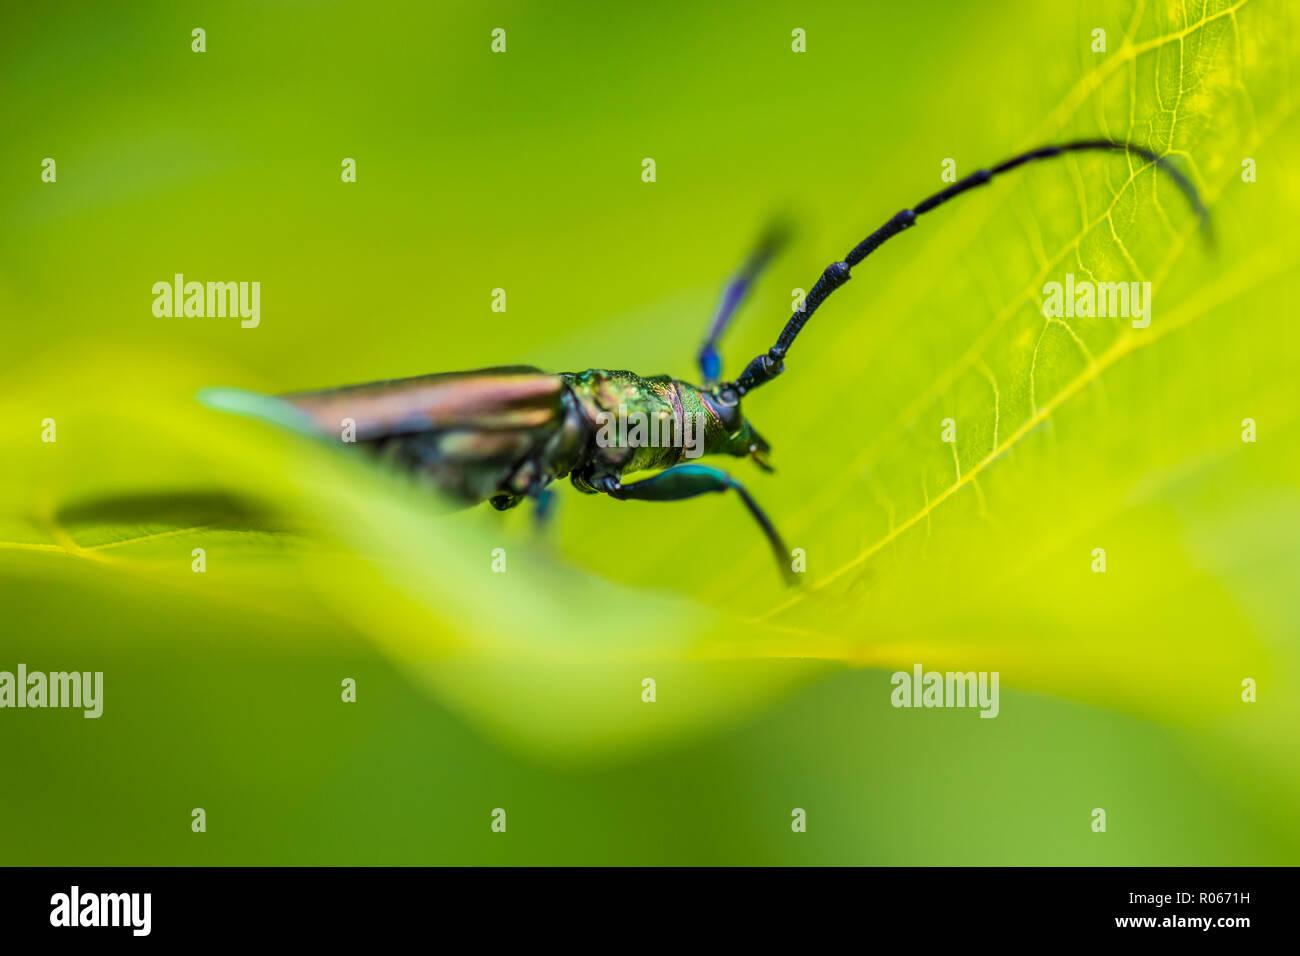 Riesige Insekt auf grünes Blatt, Natur Hintergrund, Wildlife Konzept. Makro Bild mit Details Stockbild